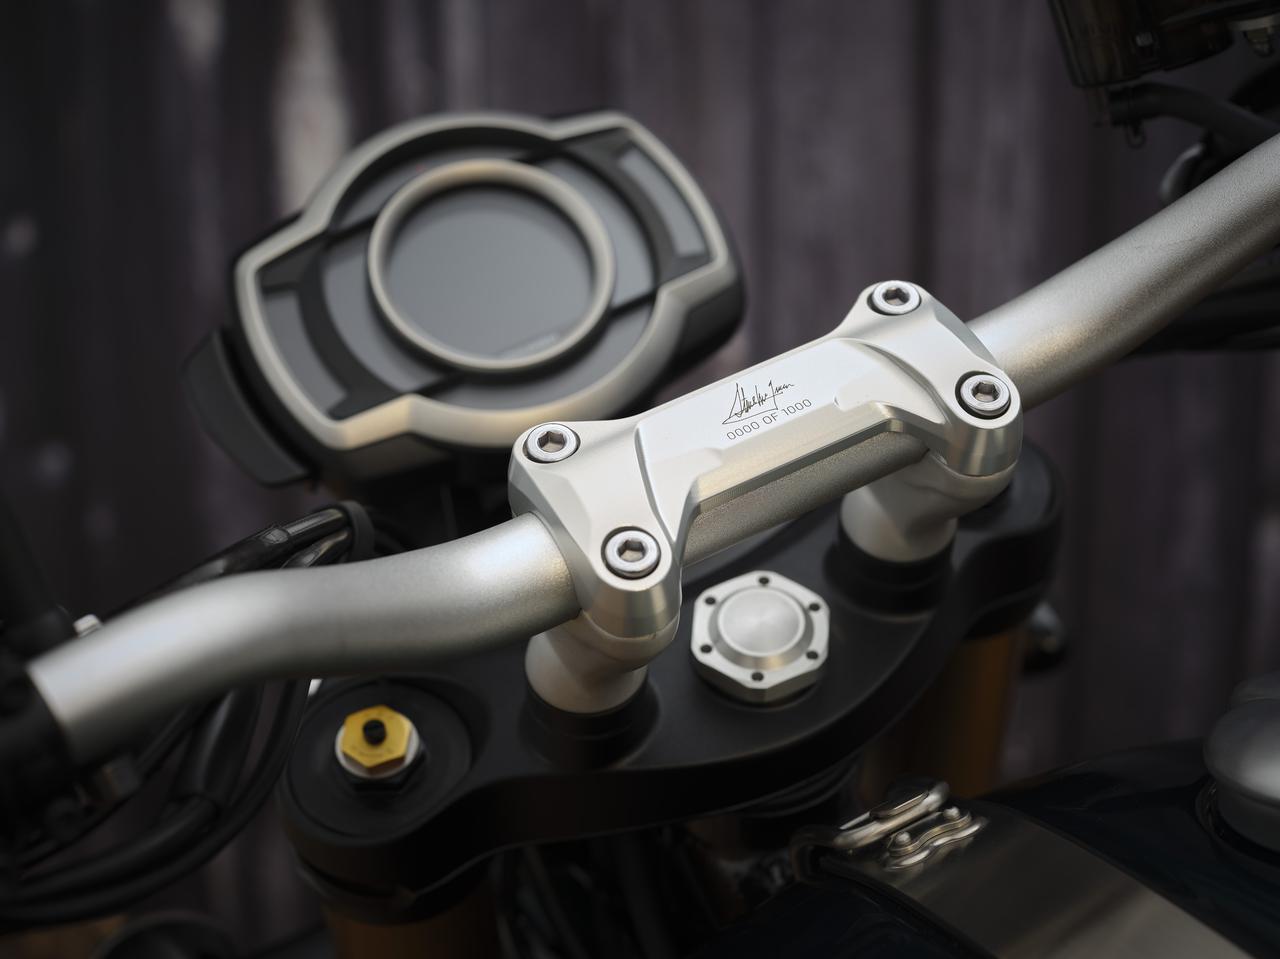 画像2: トライアンフ「スクランブラー1200 スティーブ・マックイーン エディション」の特徴